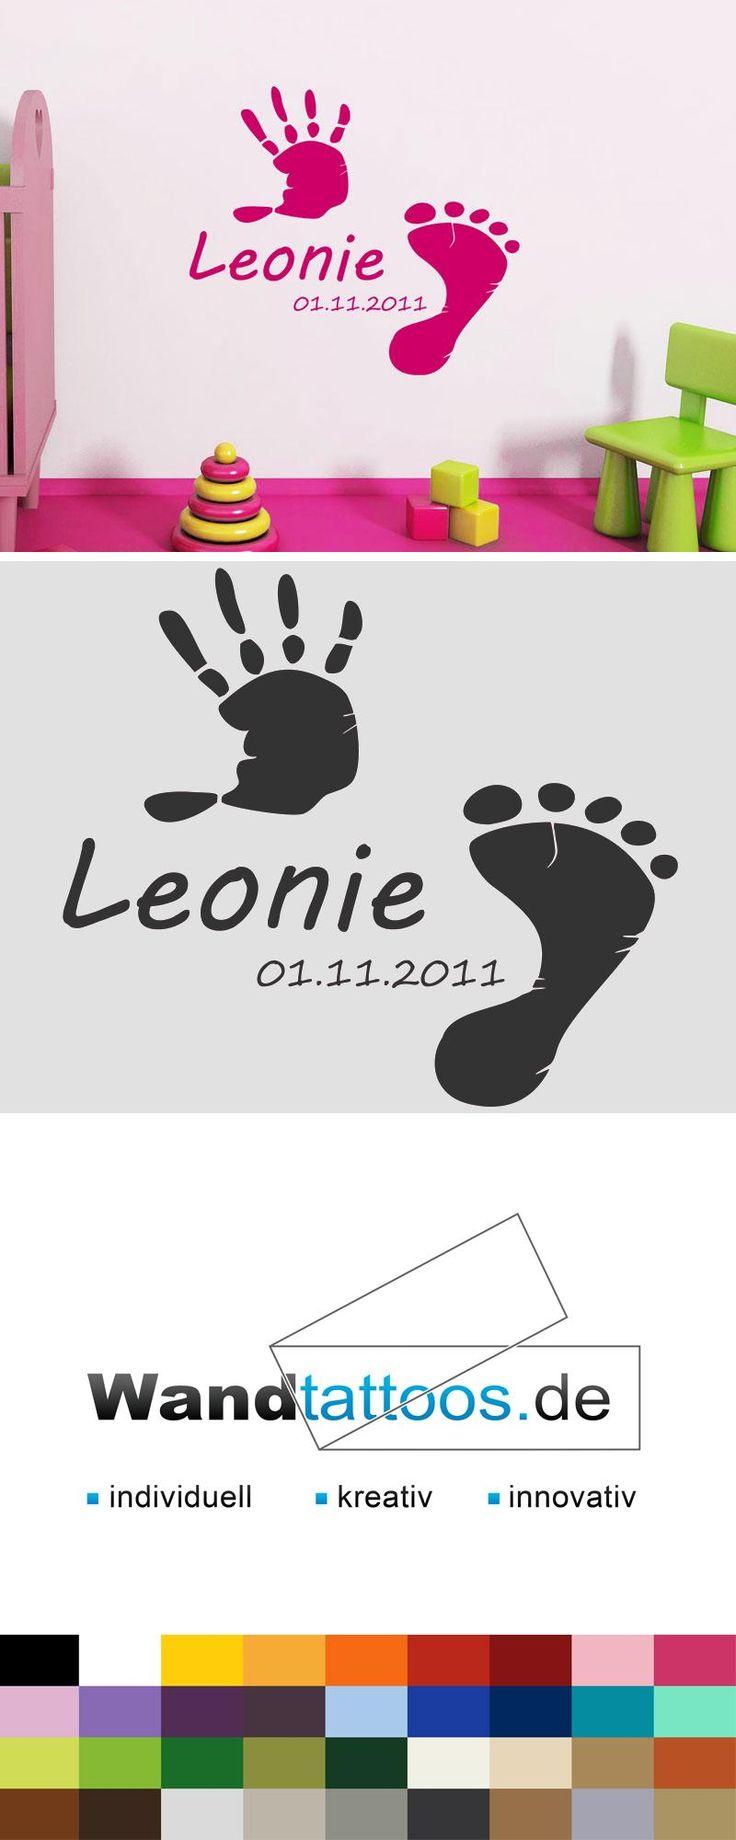 Wandtattoo Baby Hand- und Fußabdruck mit Wunschname als Idee zur individuellen Wandgestaltung. Einfach Lieblingsfarbe und Größe auswählen. Weitere kreative Anregungen von Wandtattoos.de hier entdecken!